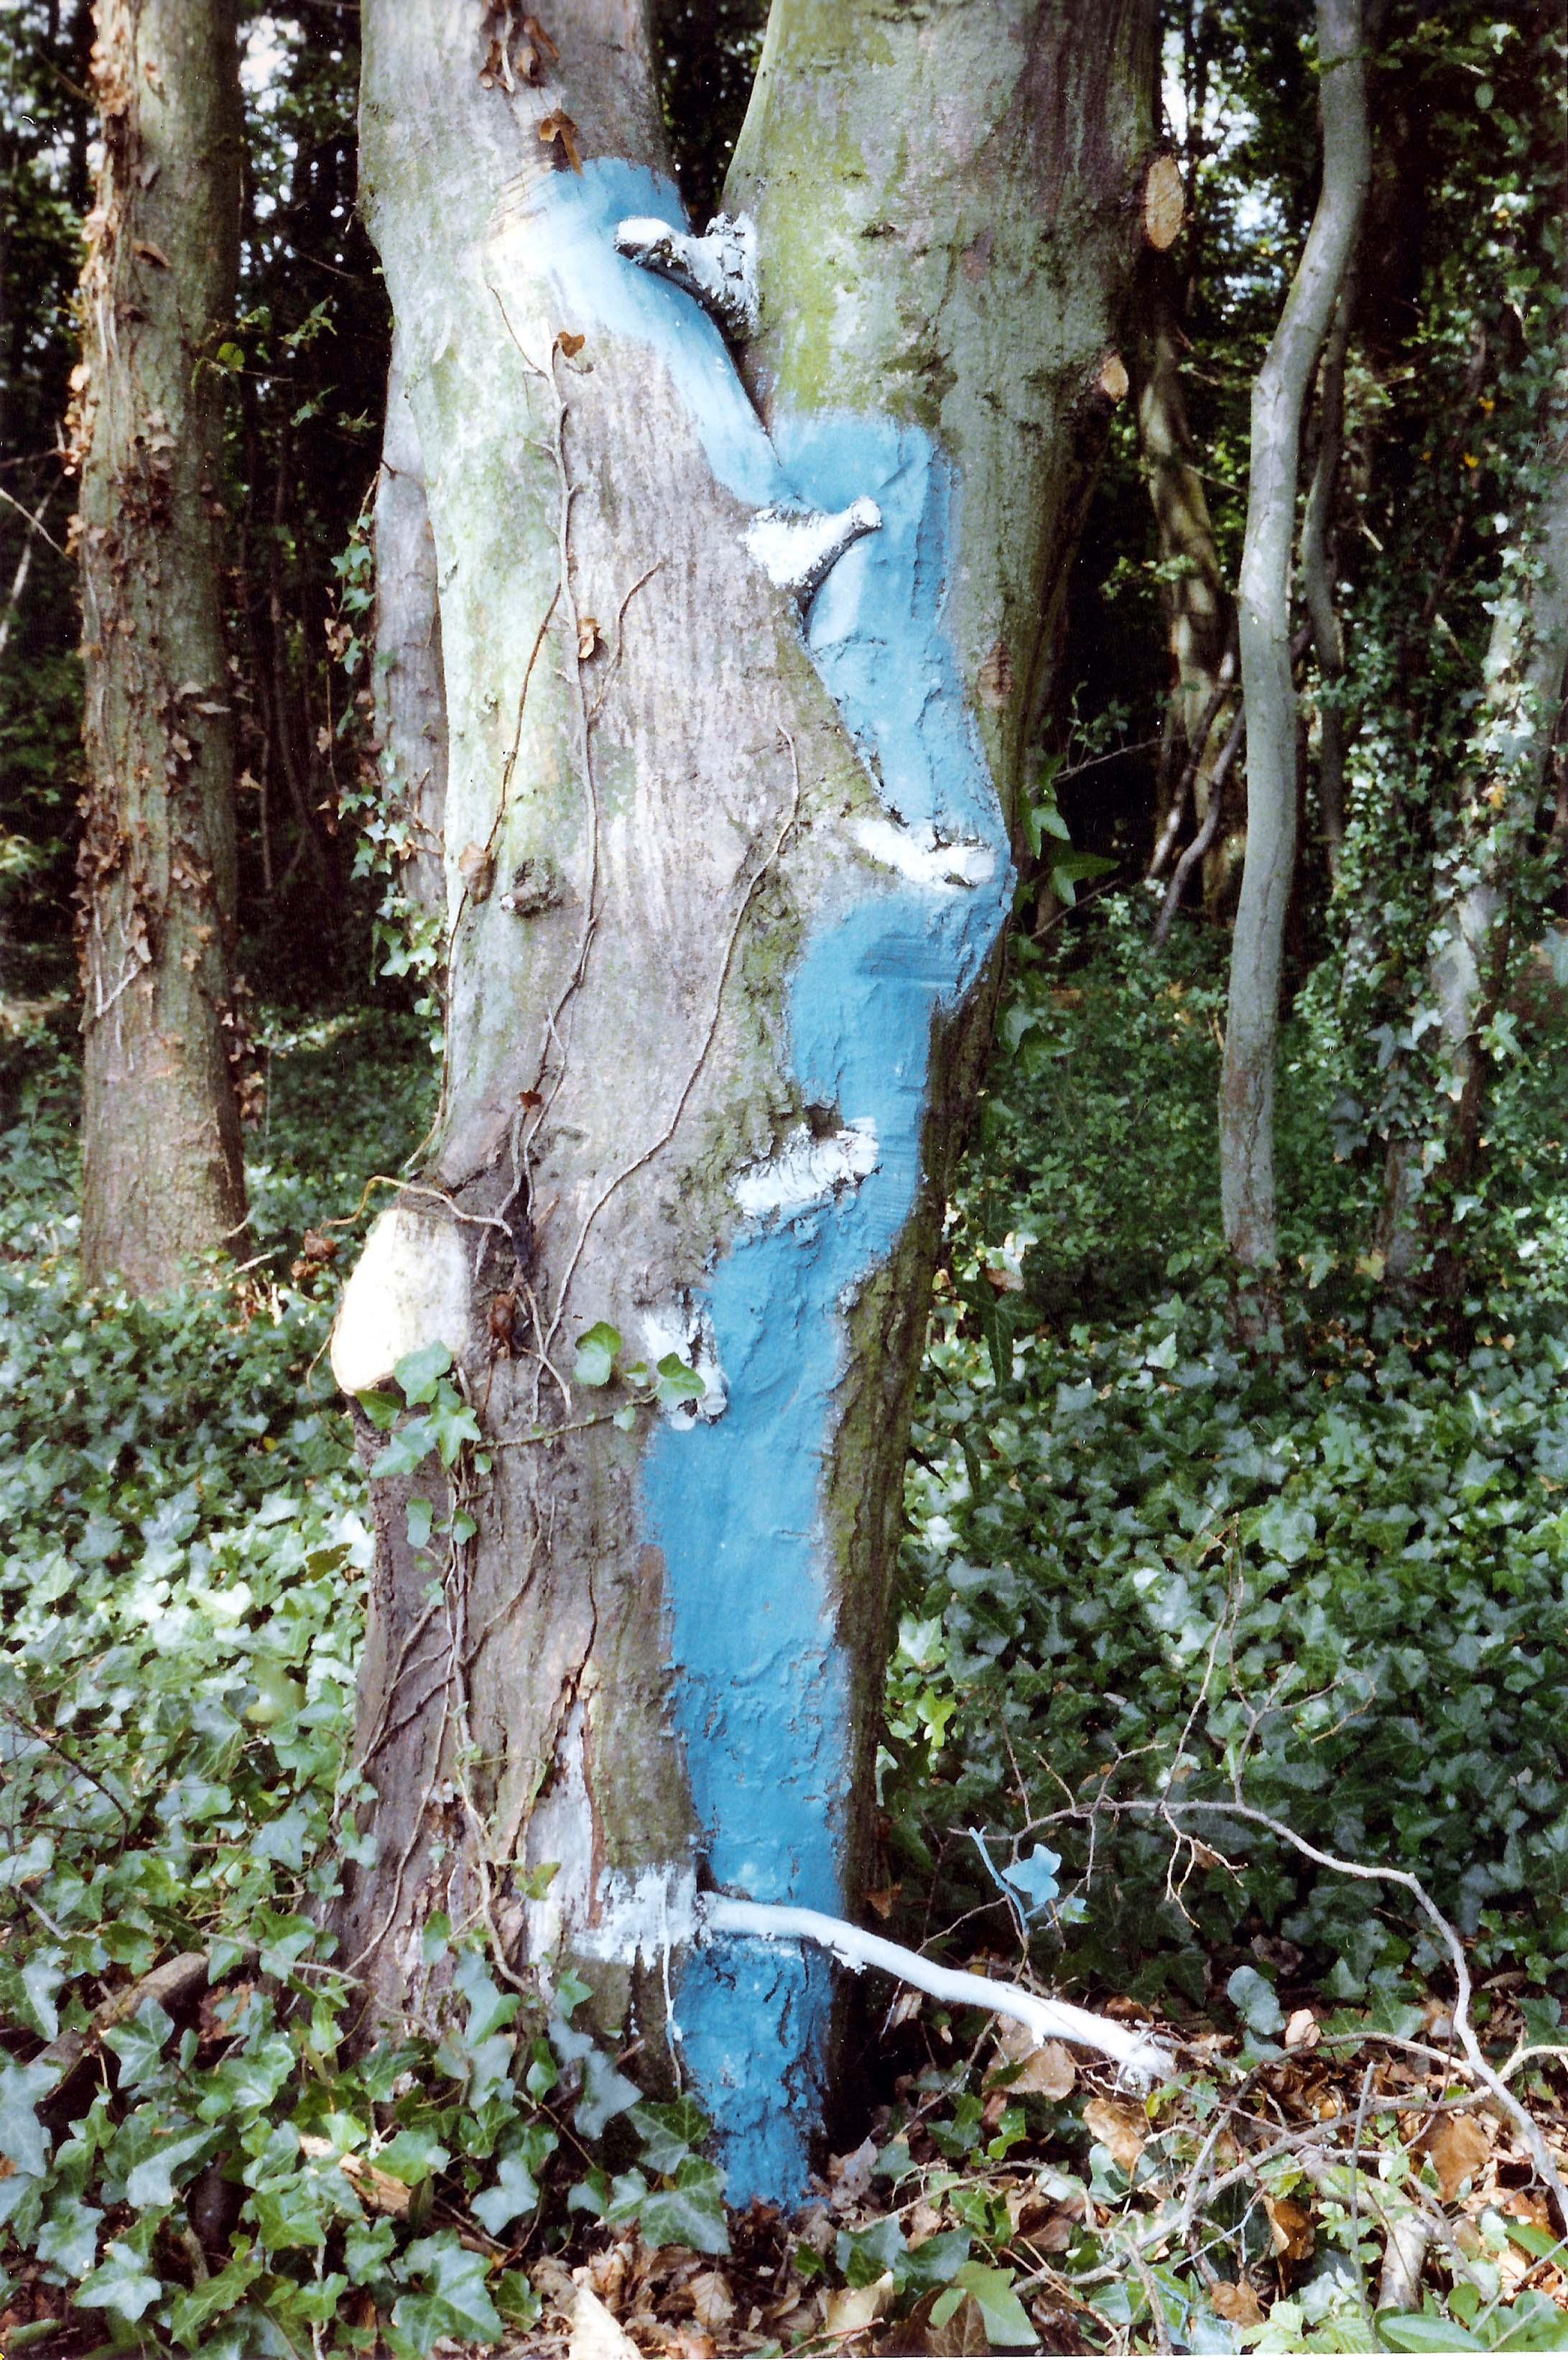 1978 - Pintura sobre árvore - França